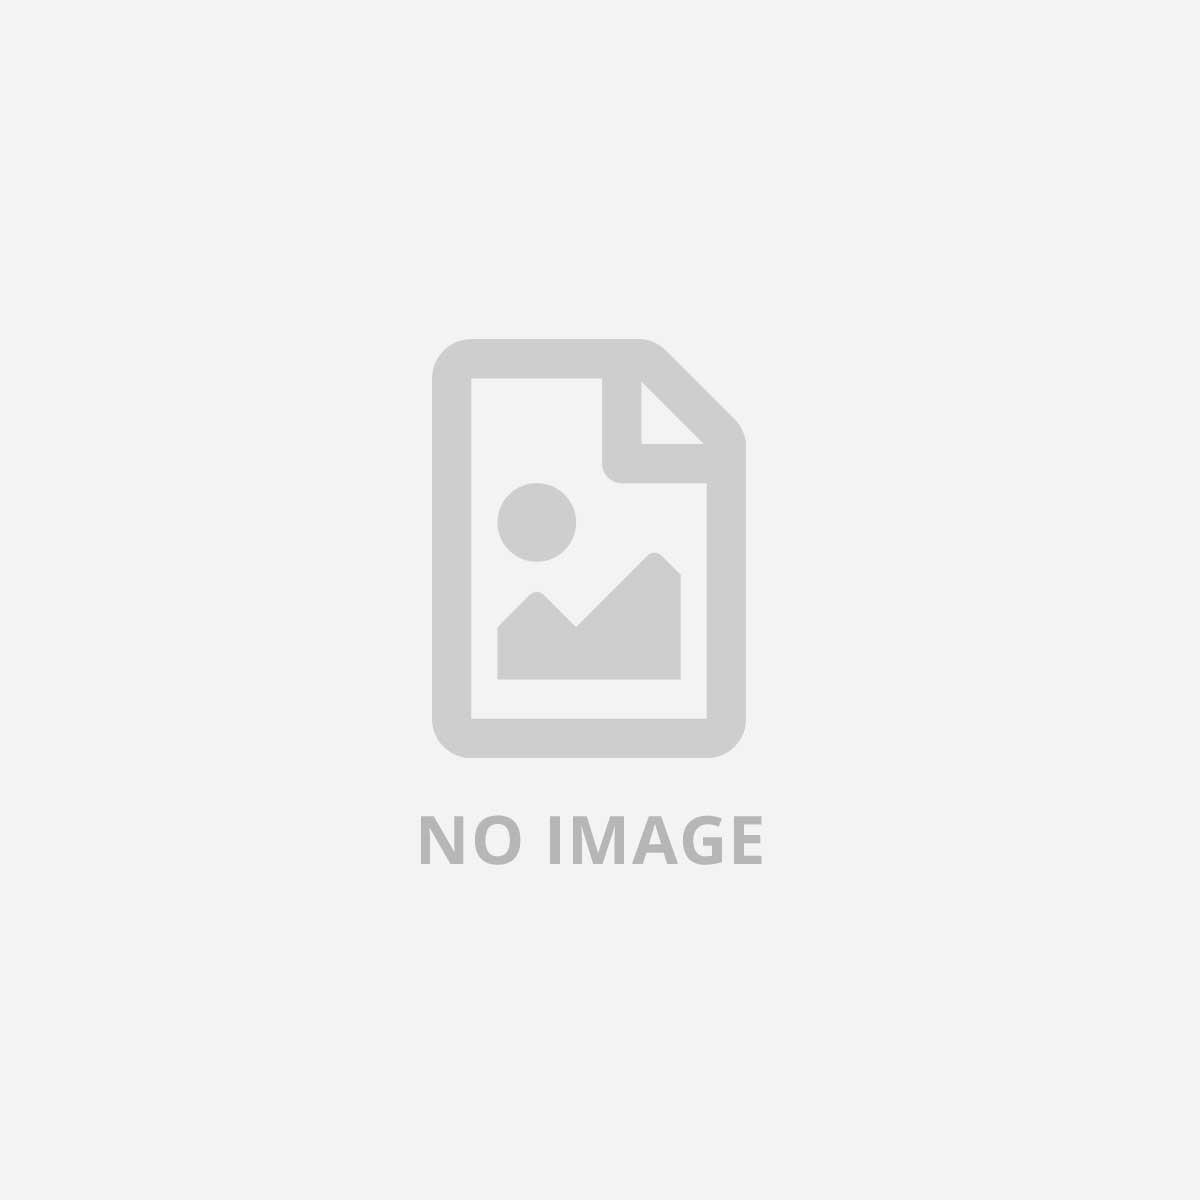 HELGI BOX CON CHIUSURA PER PC